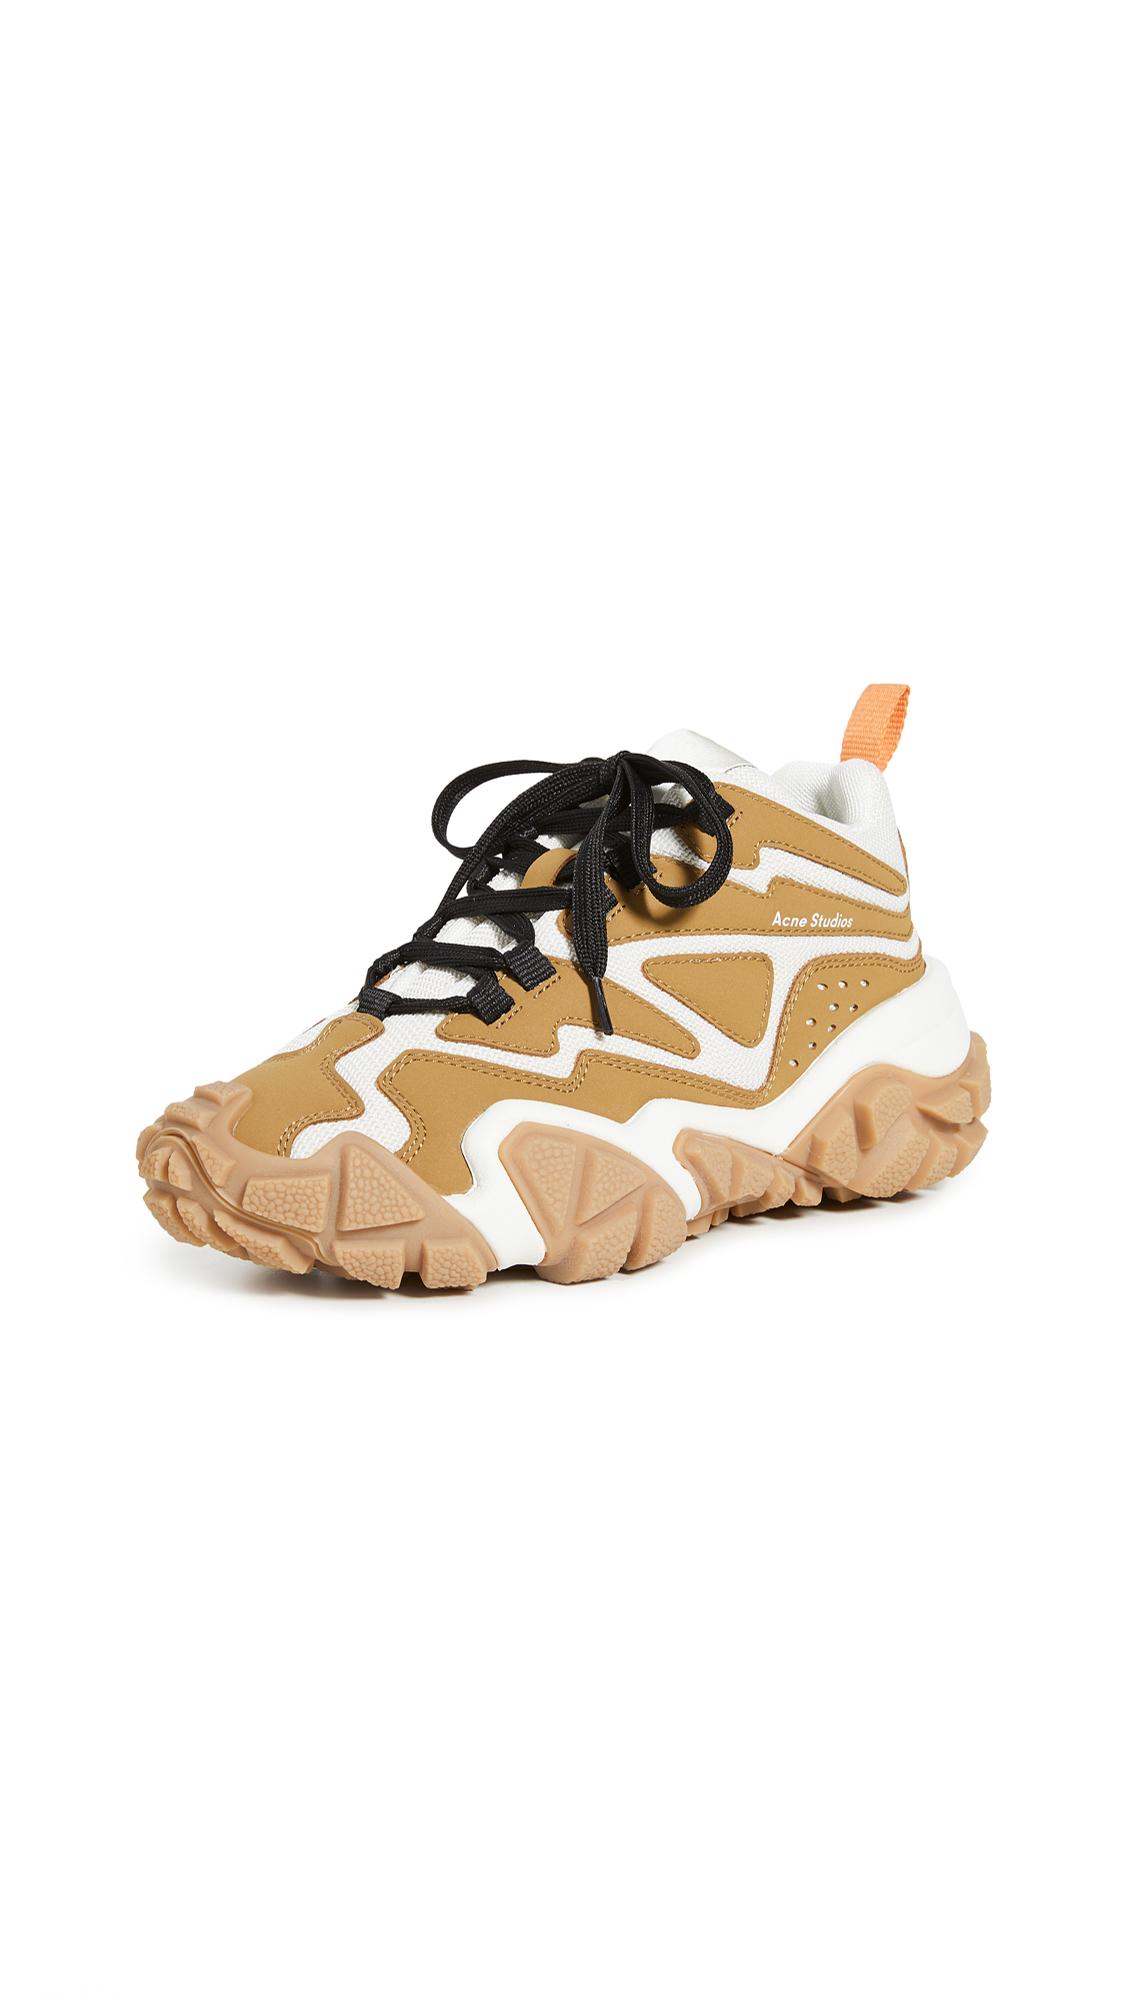 Buy Acne Studios Bolzter Bensen Sneakers online, shop Acne Studios